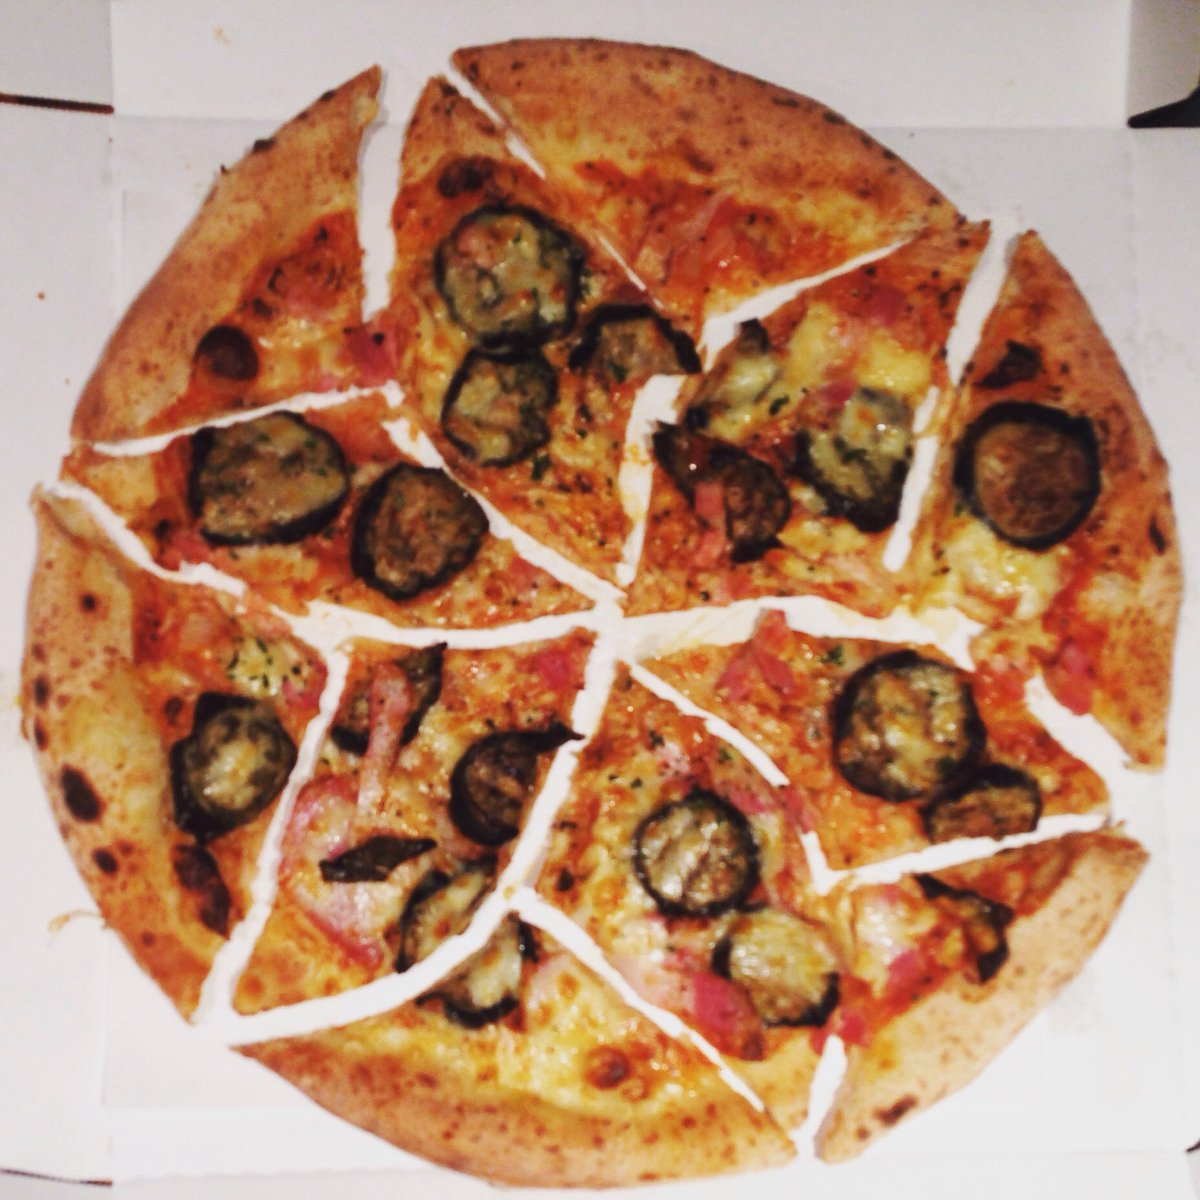 数学好きの集まりのピザの切り方がなんかおかしい。 #日曜数学会 pic.twitter.com/qXU8MCOheY